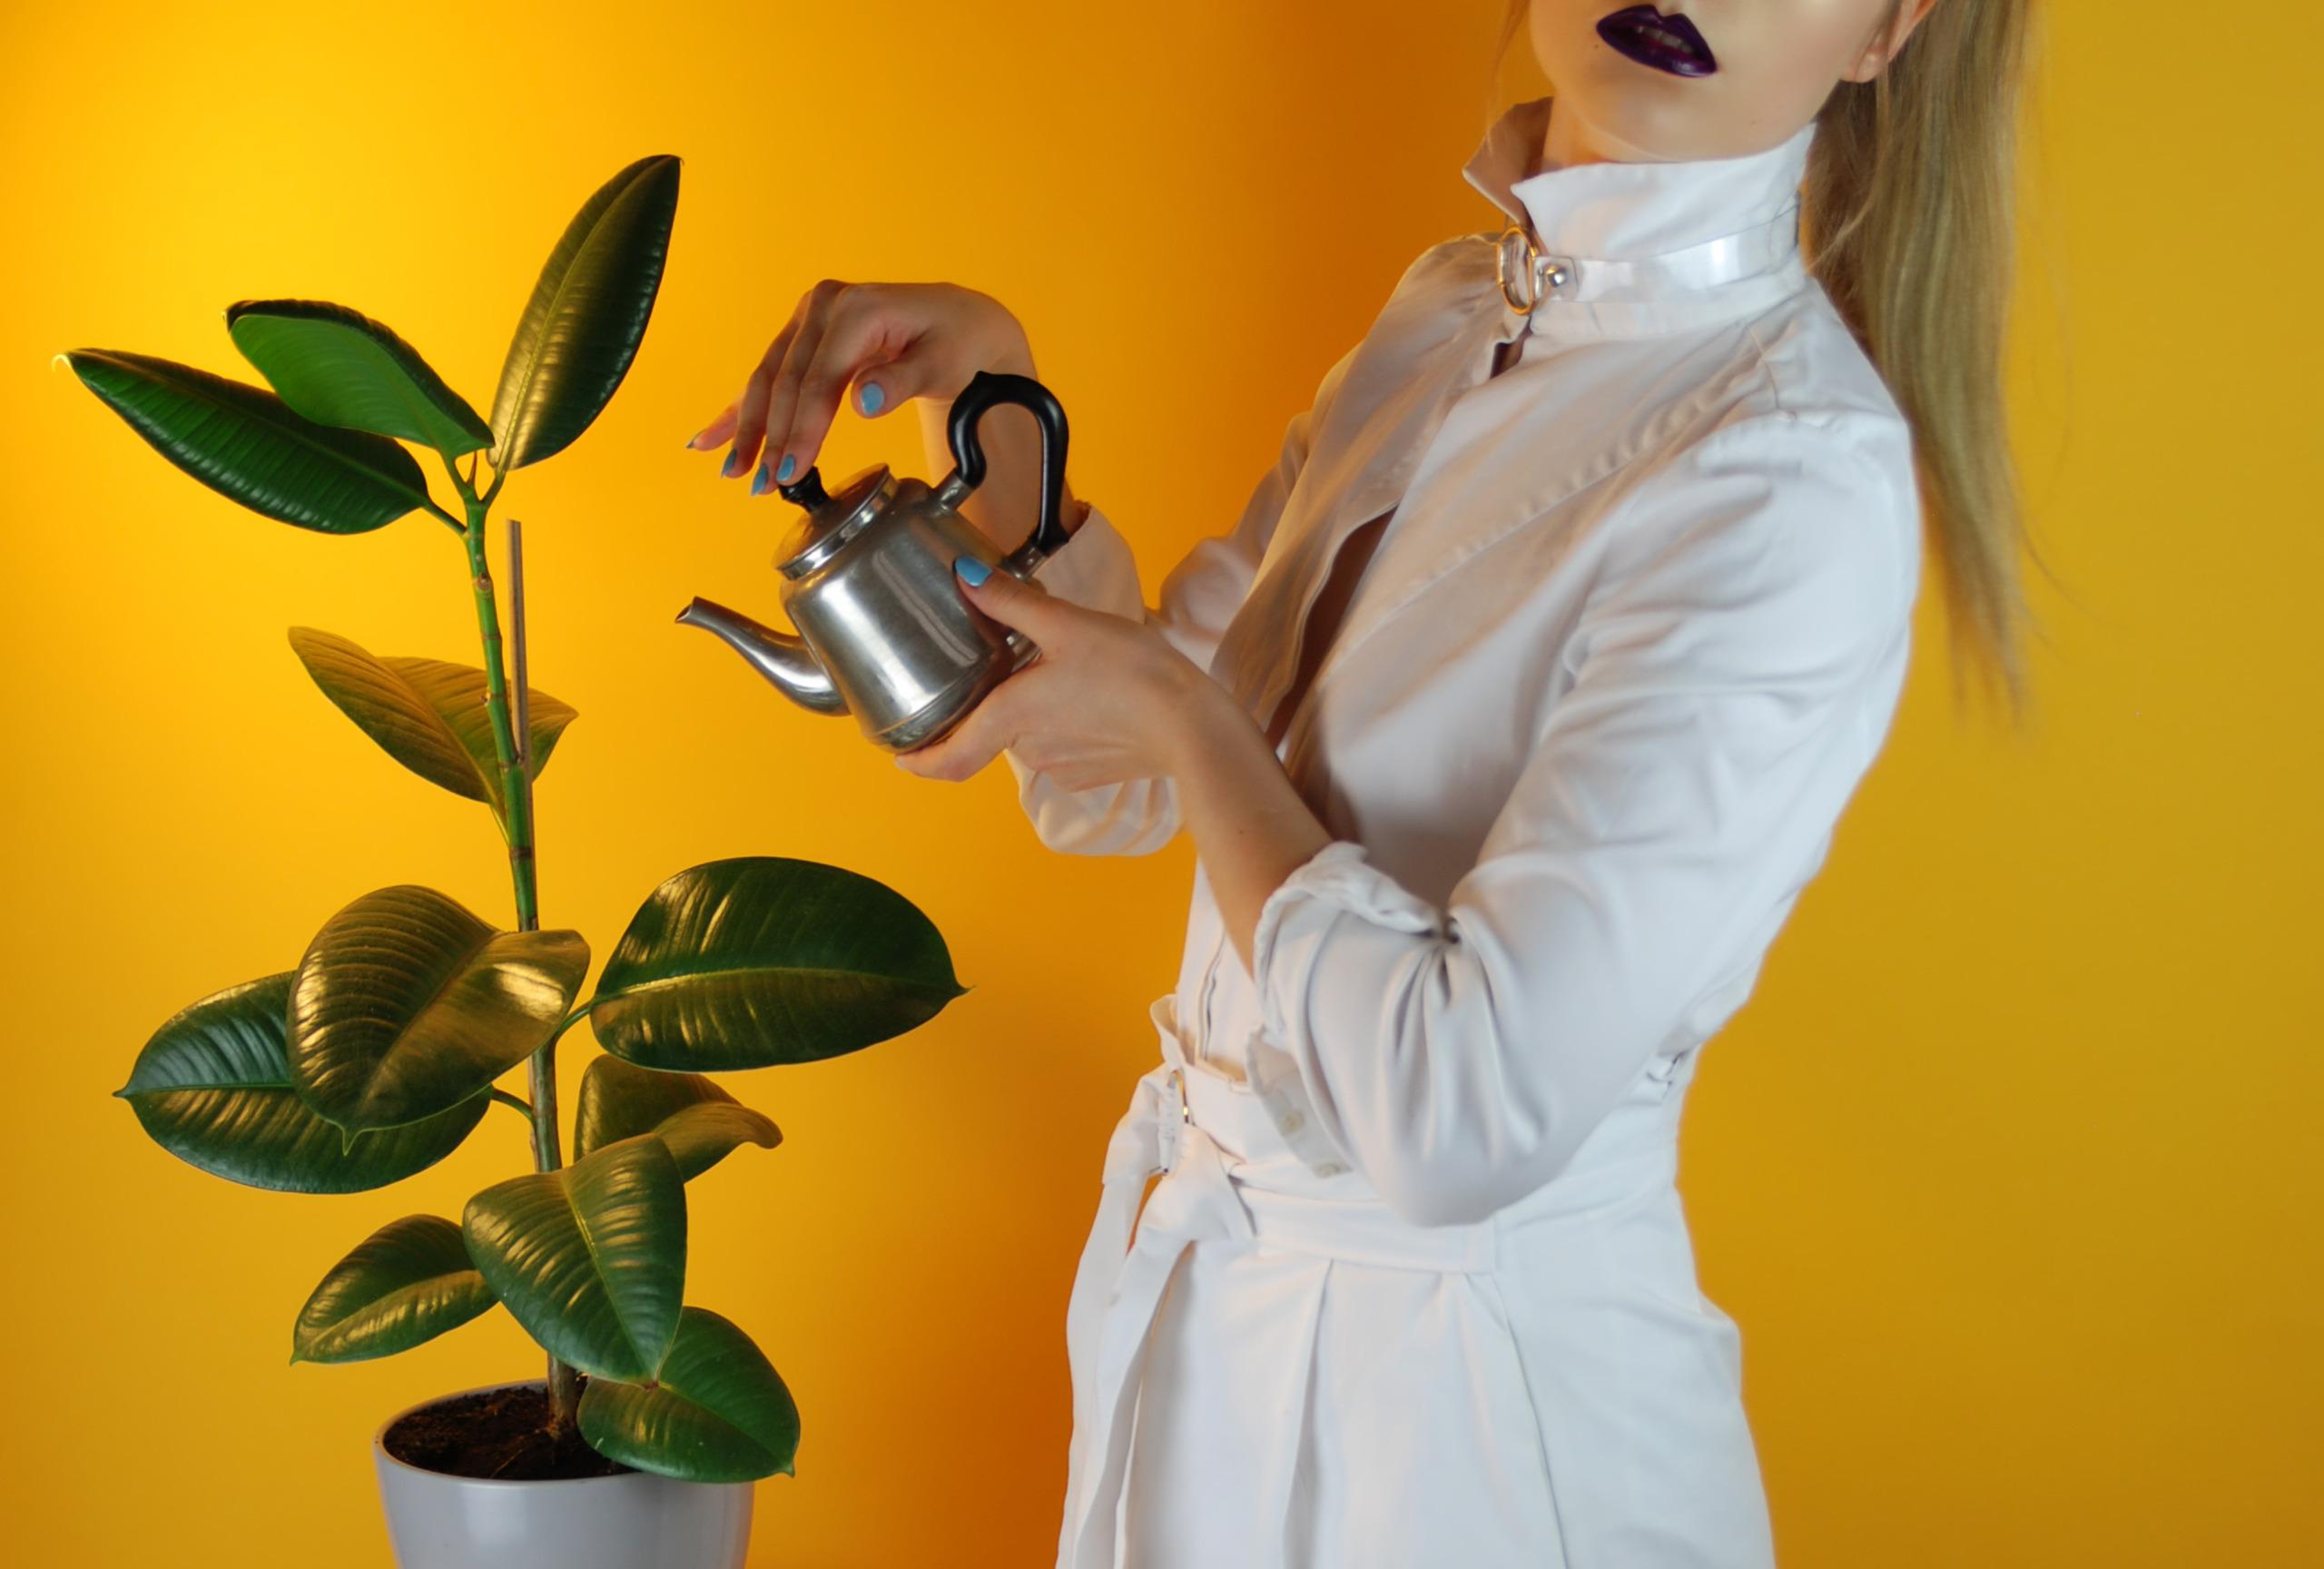 Zdjęcie przedstawia kobietę ubraną na biało, na żółtym tle. Kobieta trzyma w ręku srebrne naczynie i podlewa roślinę, która znajduje się z lewej strony.